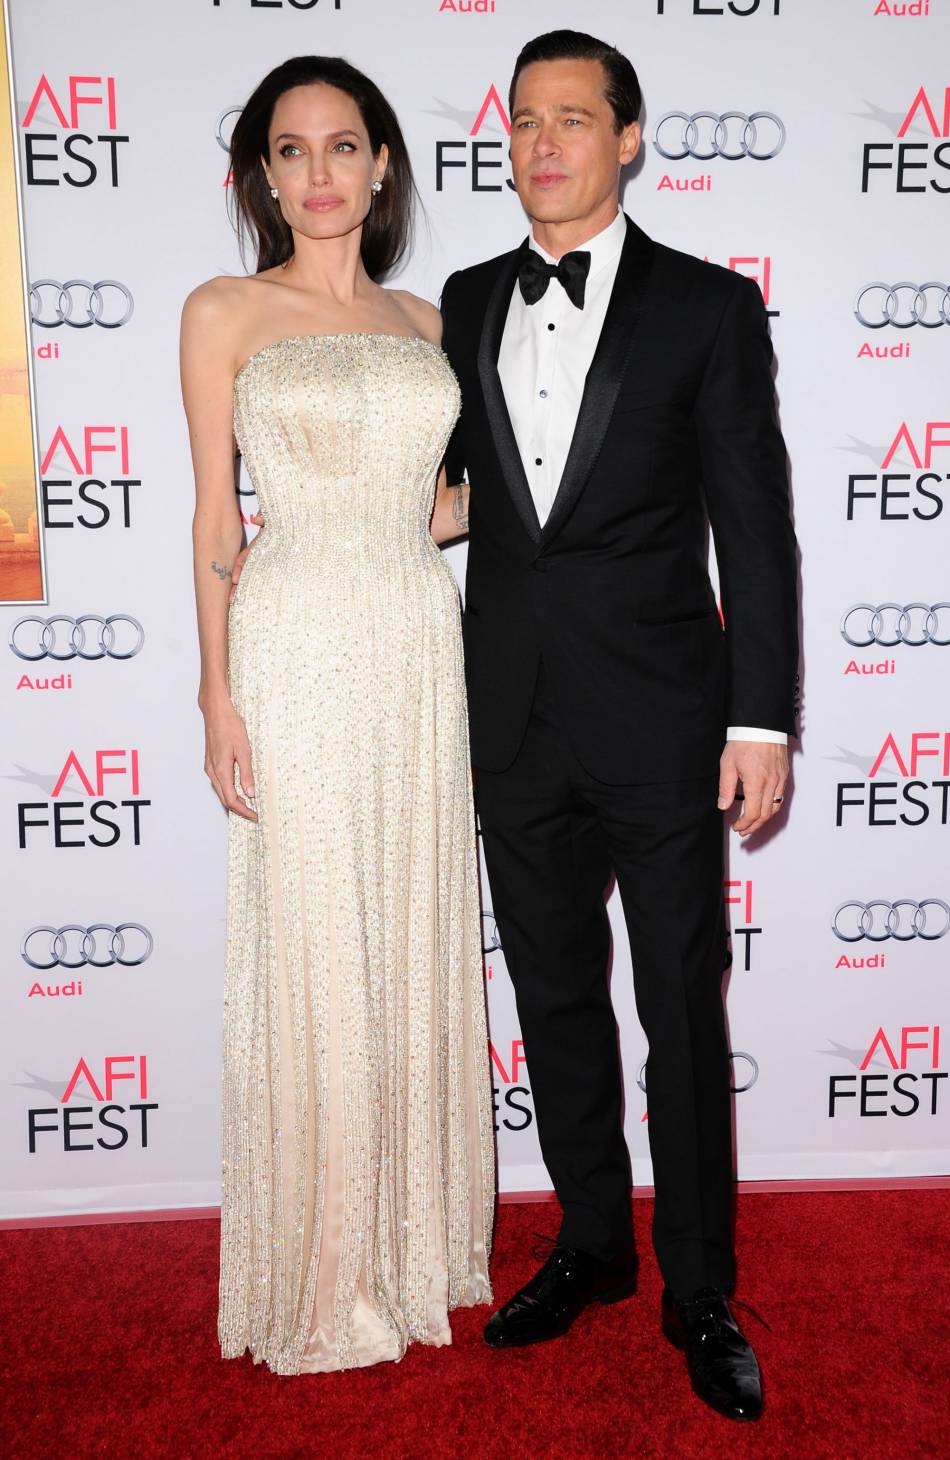 """Brad Pitt et Angelina Jolie se partagent l'affiche de """"Vue sur mer"""", réalisé par madame Pitt."""